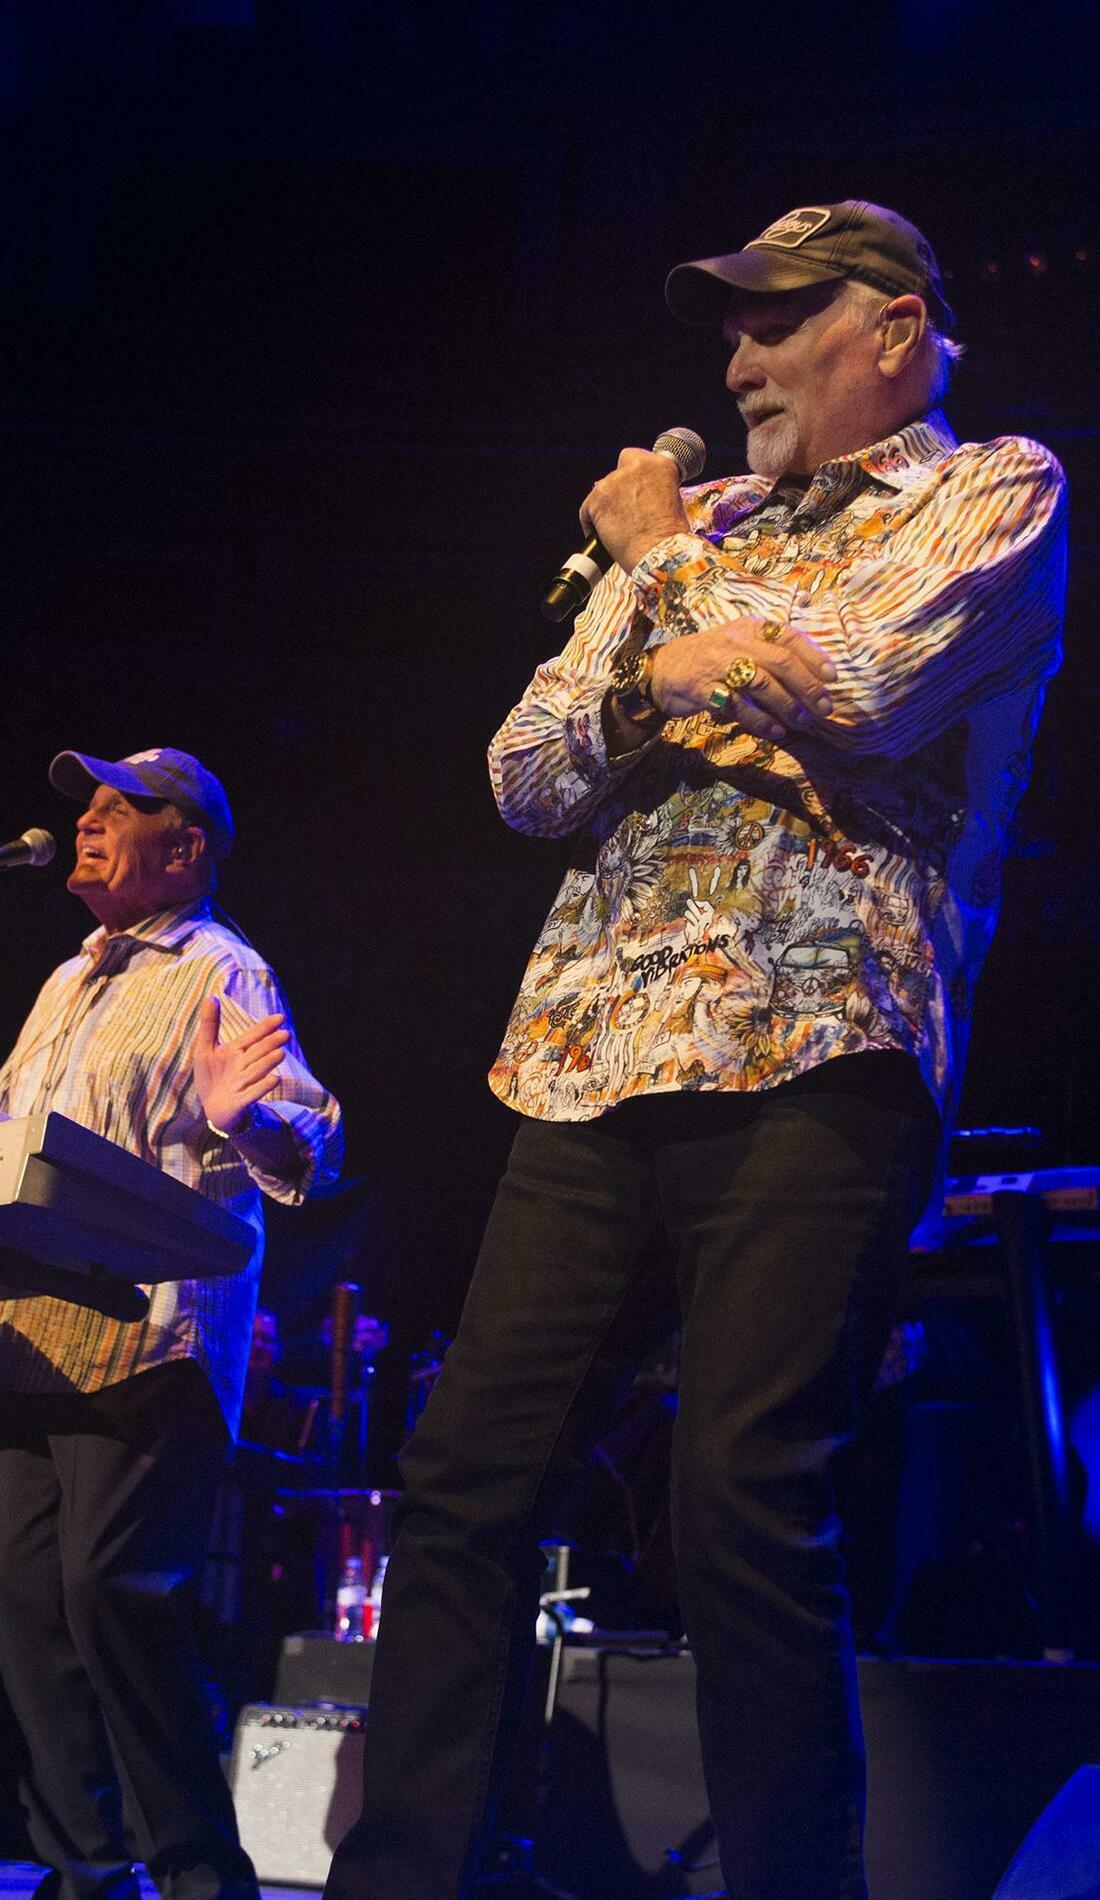 A The Beach Boys live event